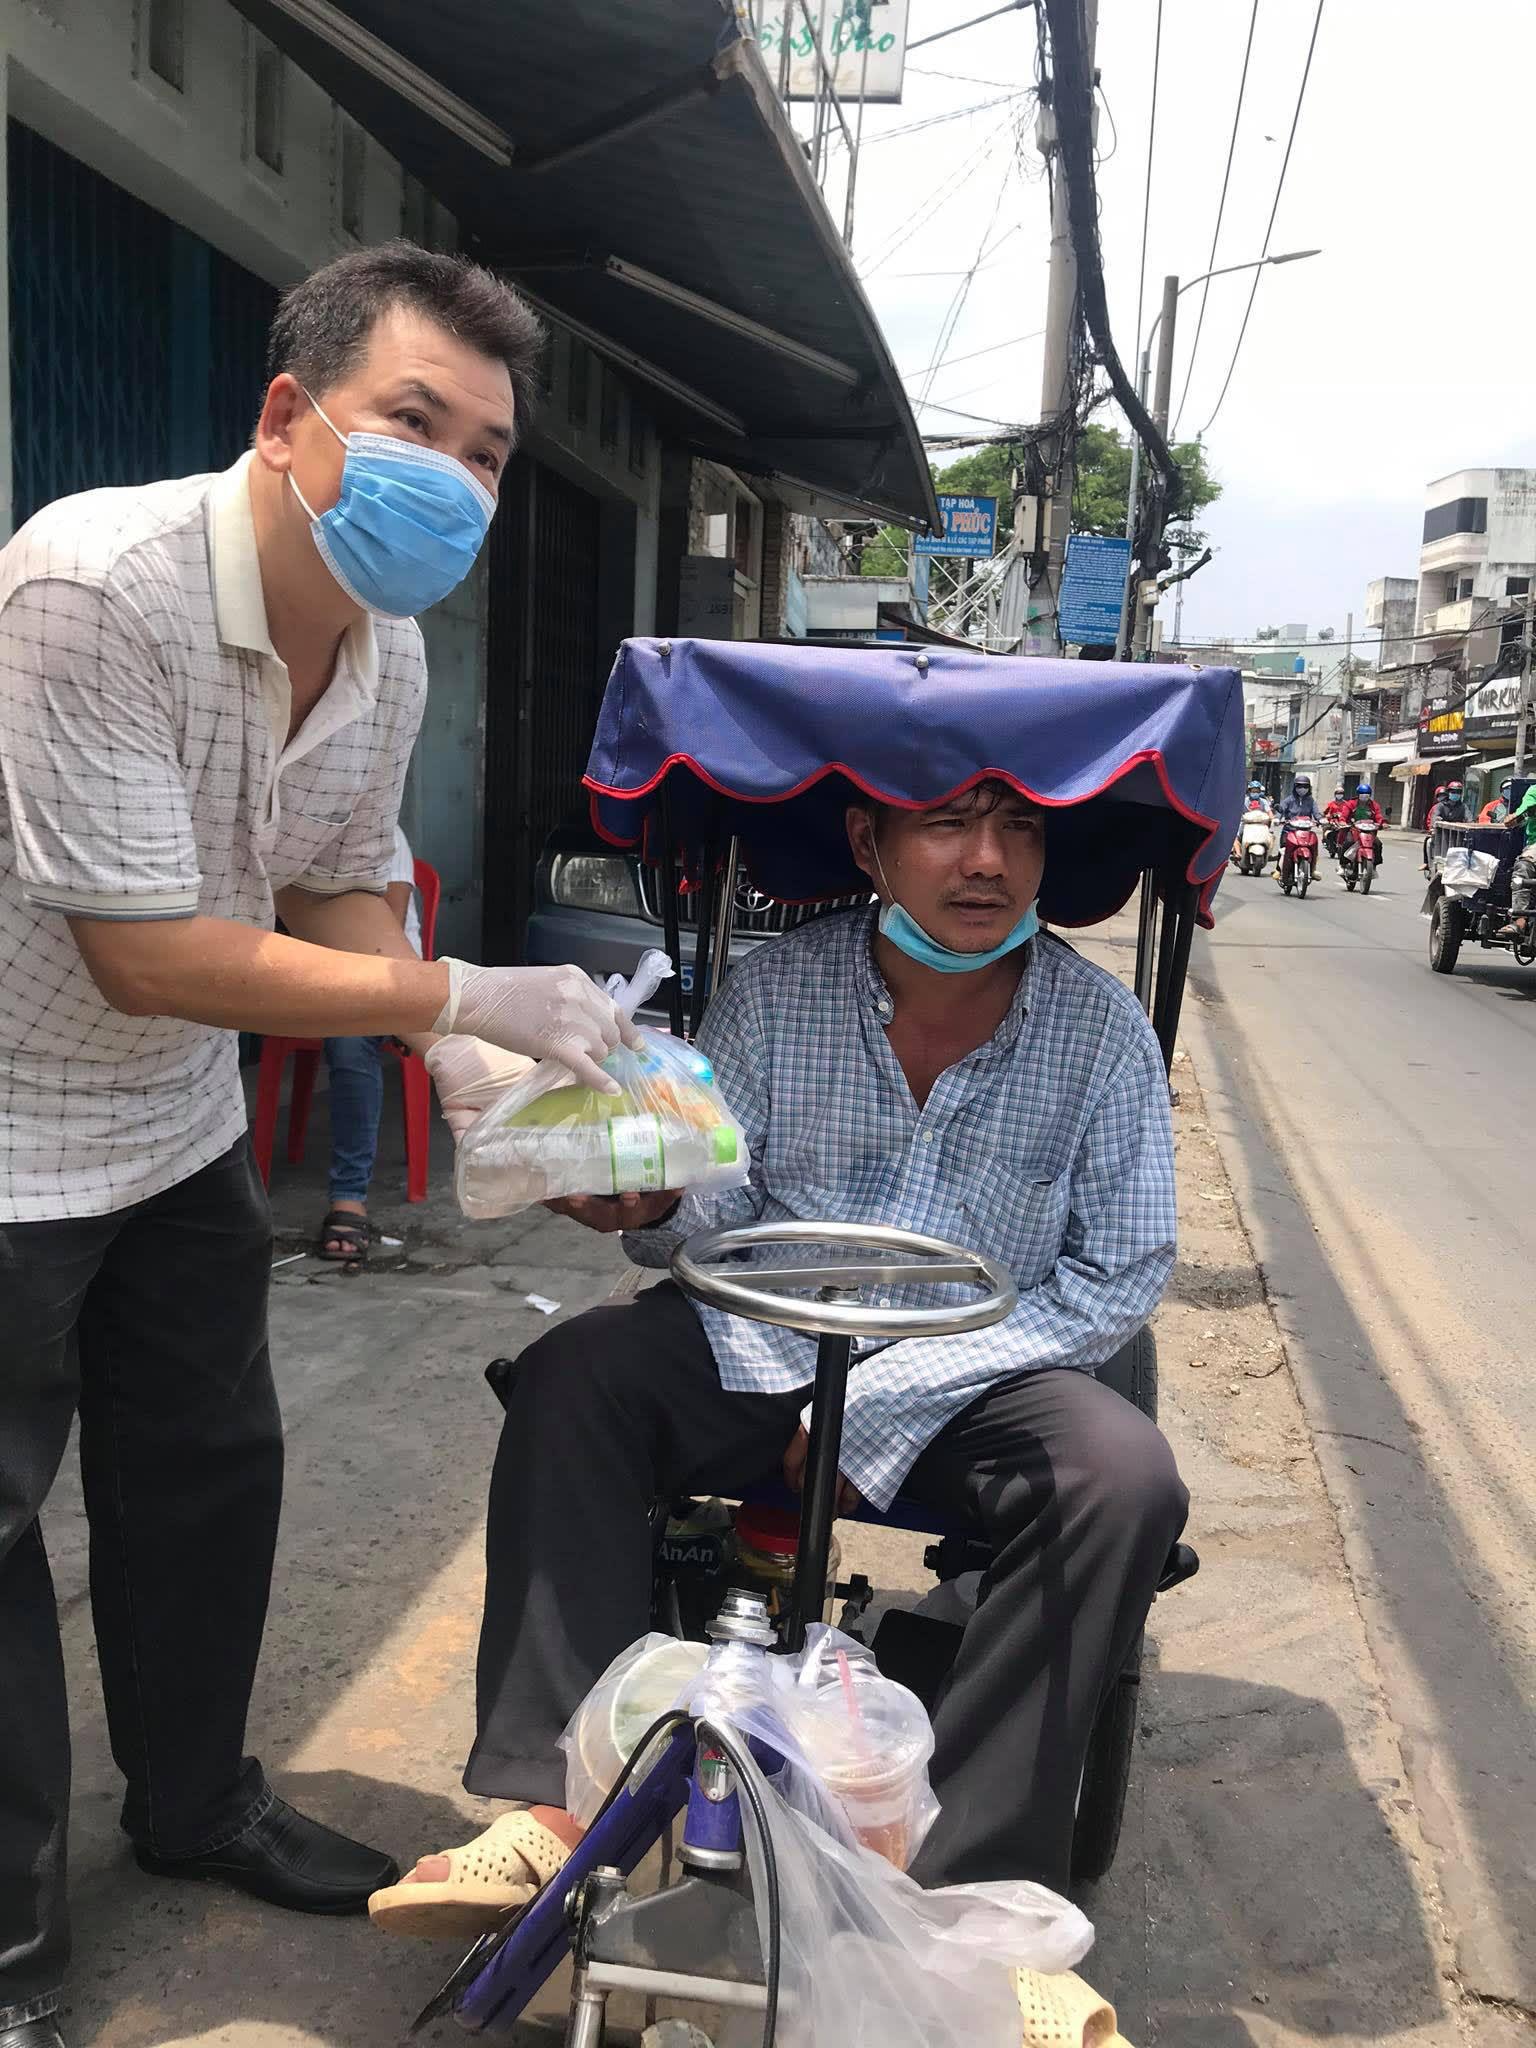 NSND Lệ Thủy tặng gạo cho nghệ sĩ nghèo, Hữu Nghĩa tặng cơm cho người khuyết tật - Ảnh 3.